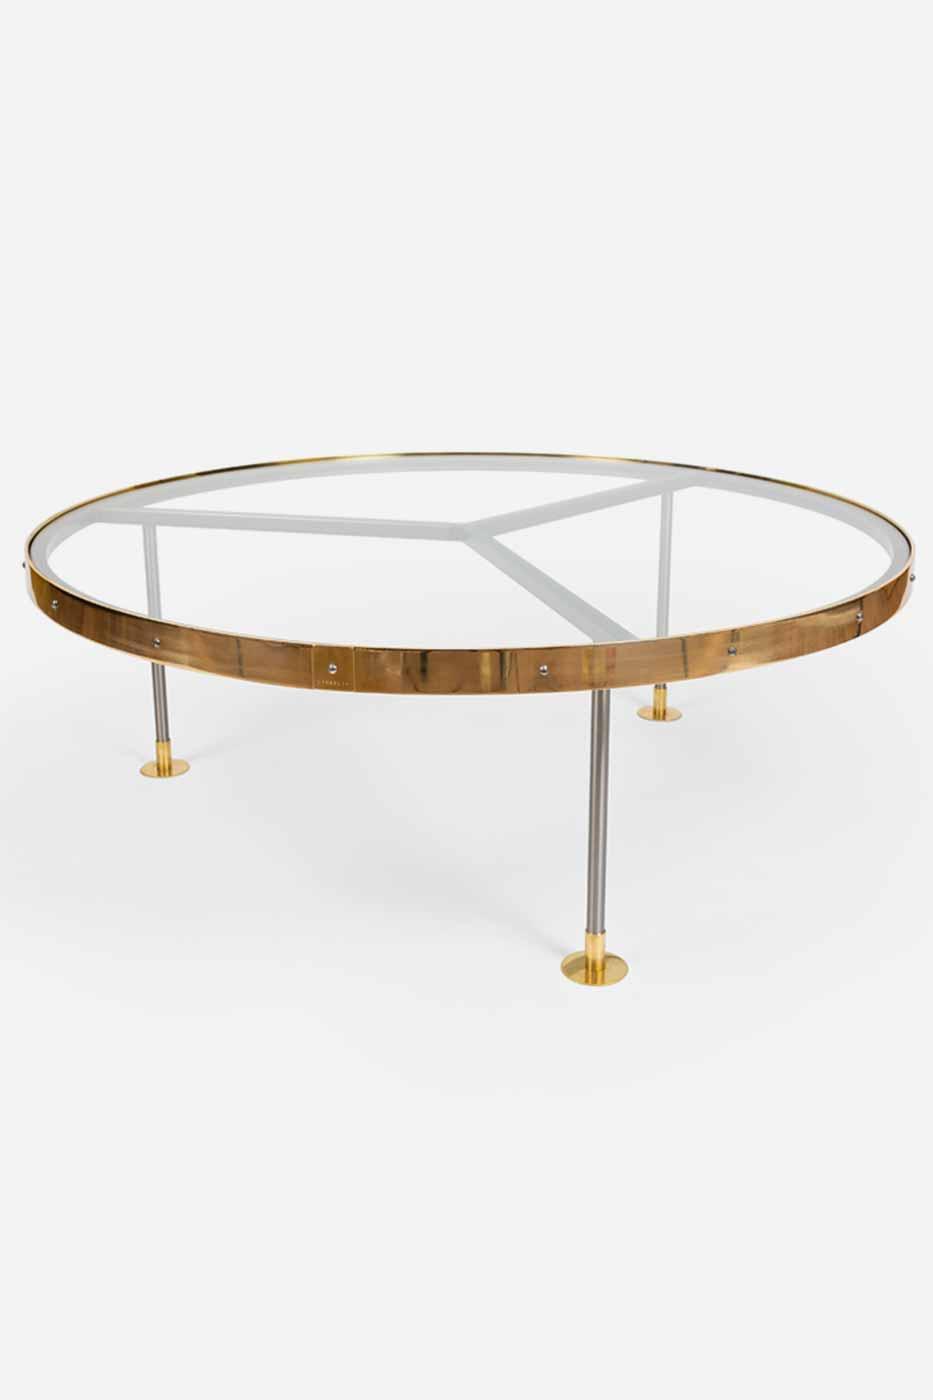 Soffbord 14 110 cm glas/mässing